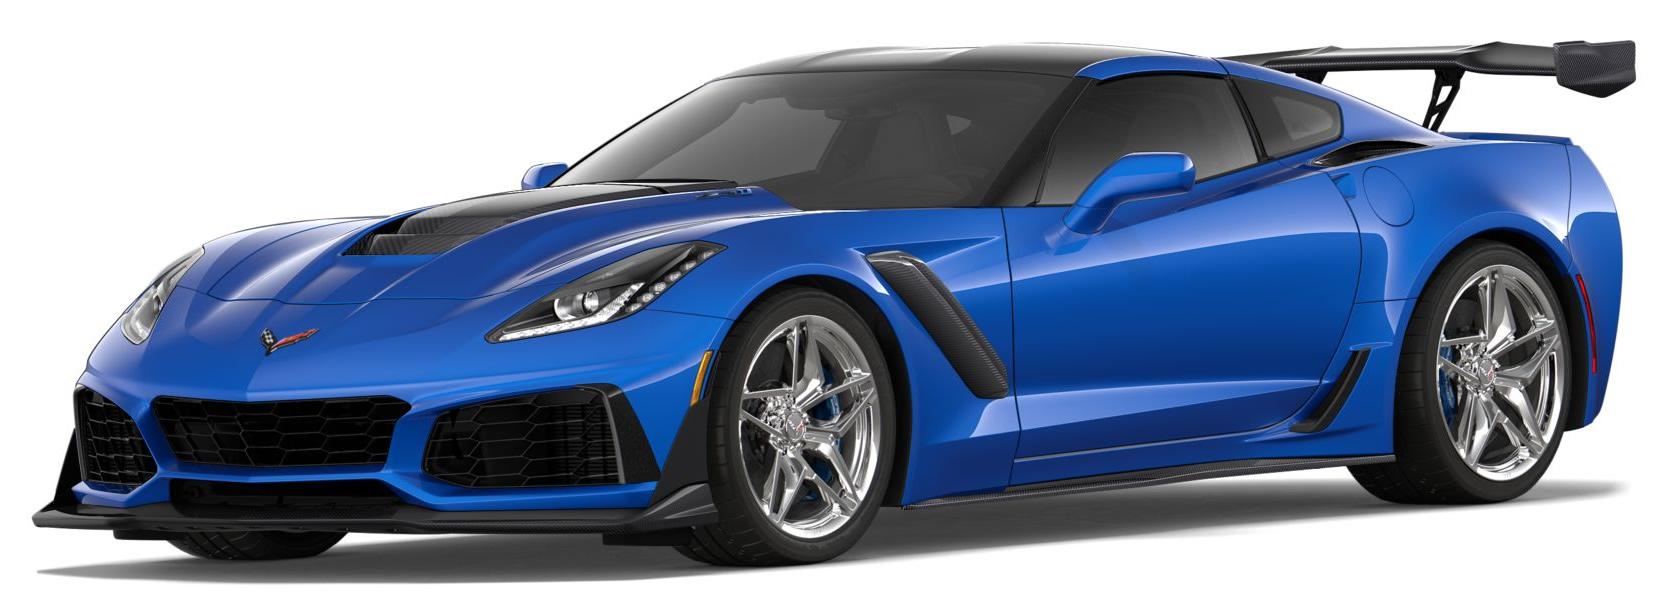 2019 Corvette Zr1 Coupe 1g1y52d99k5801601 C7 Corvette